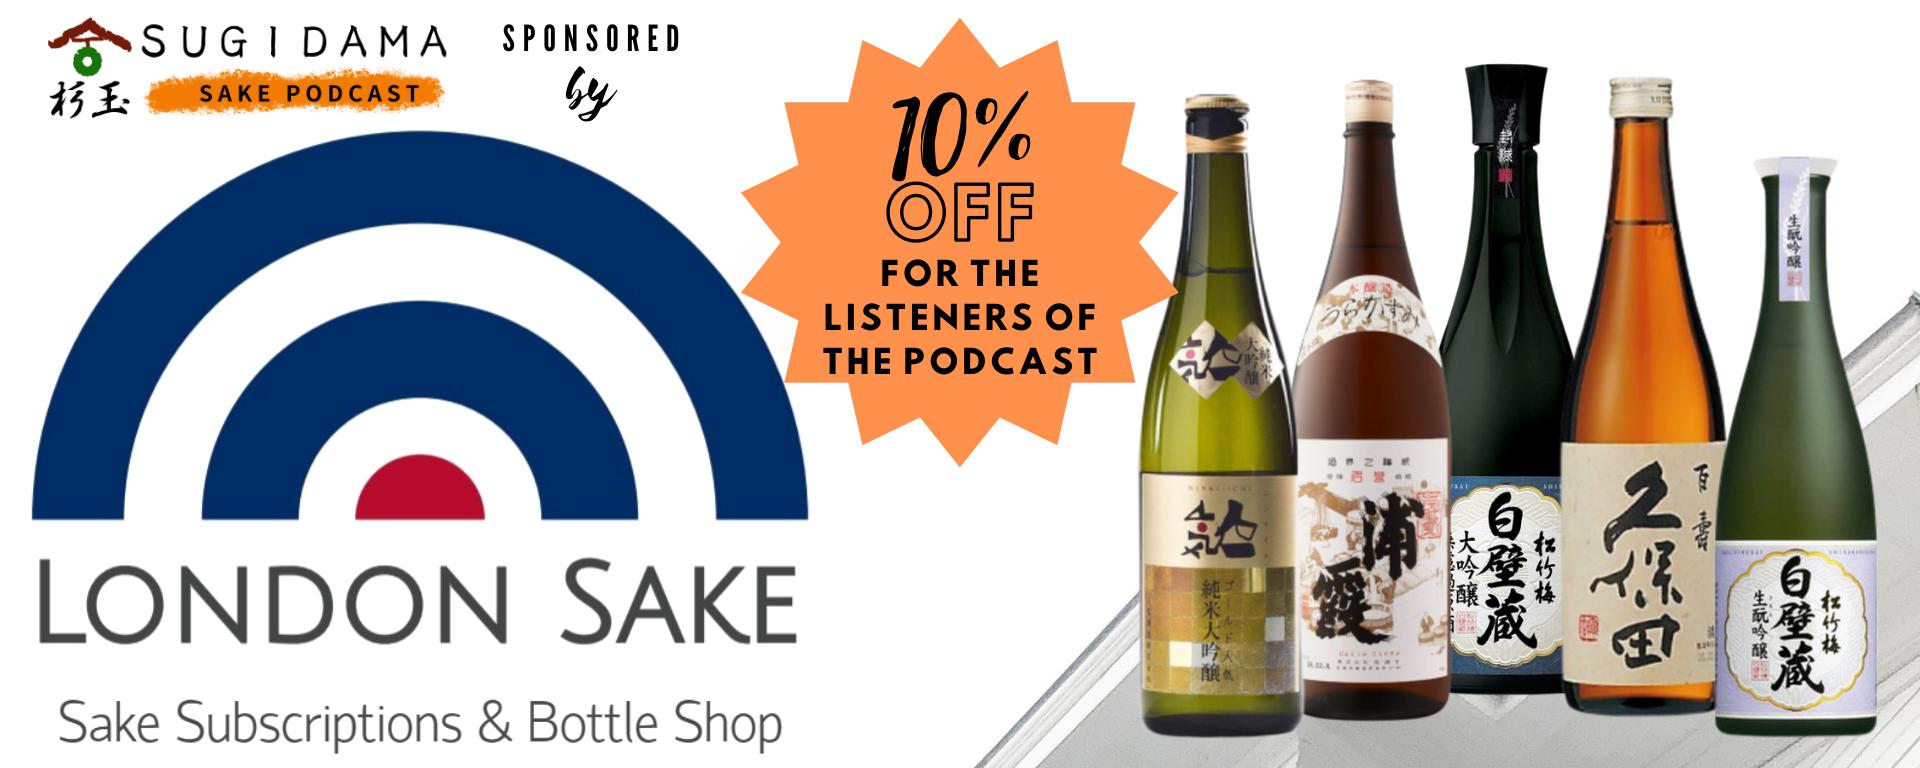 London Sake